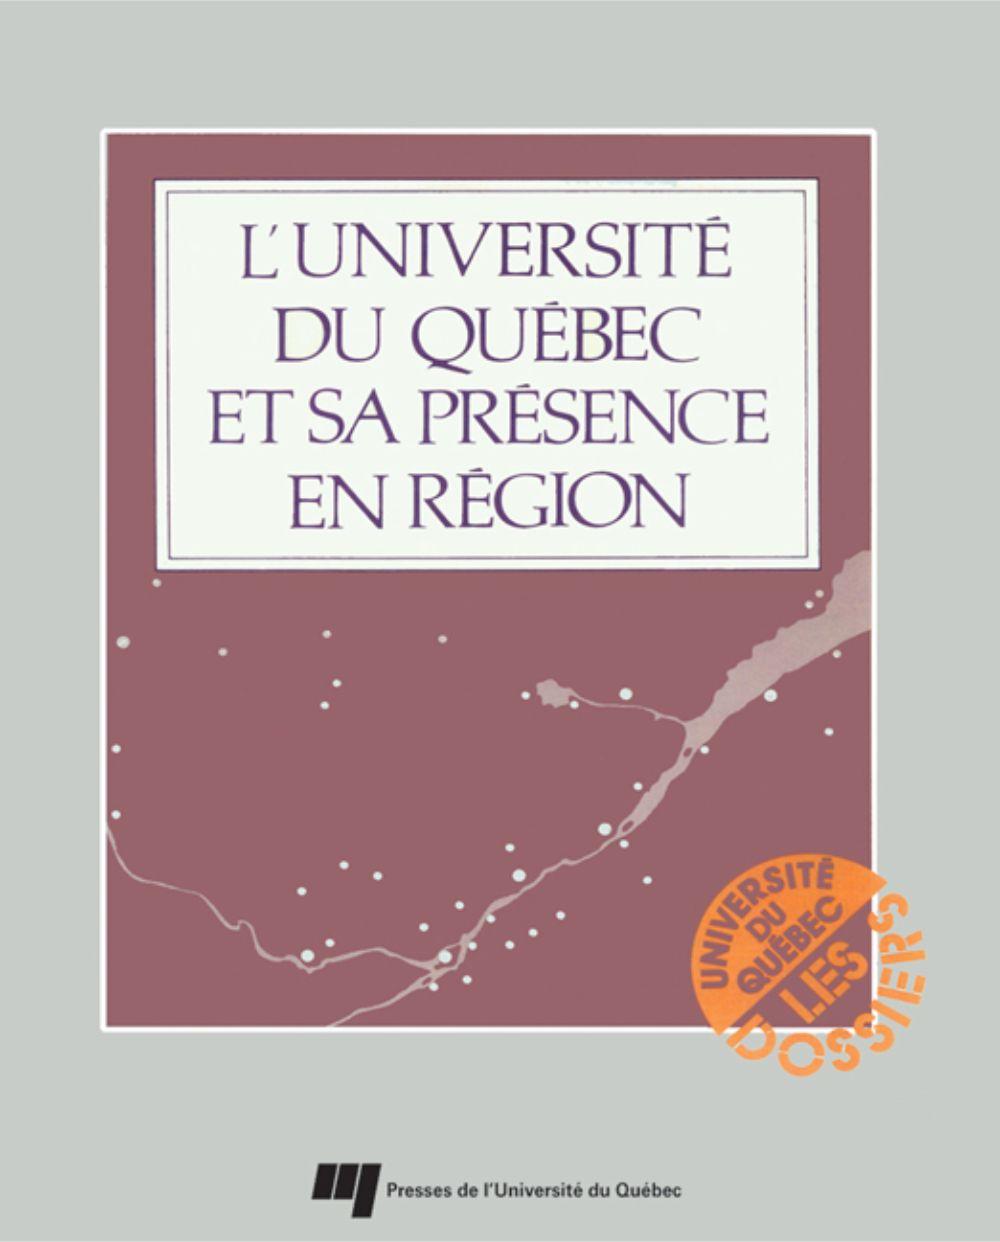 L'Université du Québec et sa présence en région